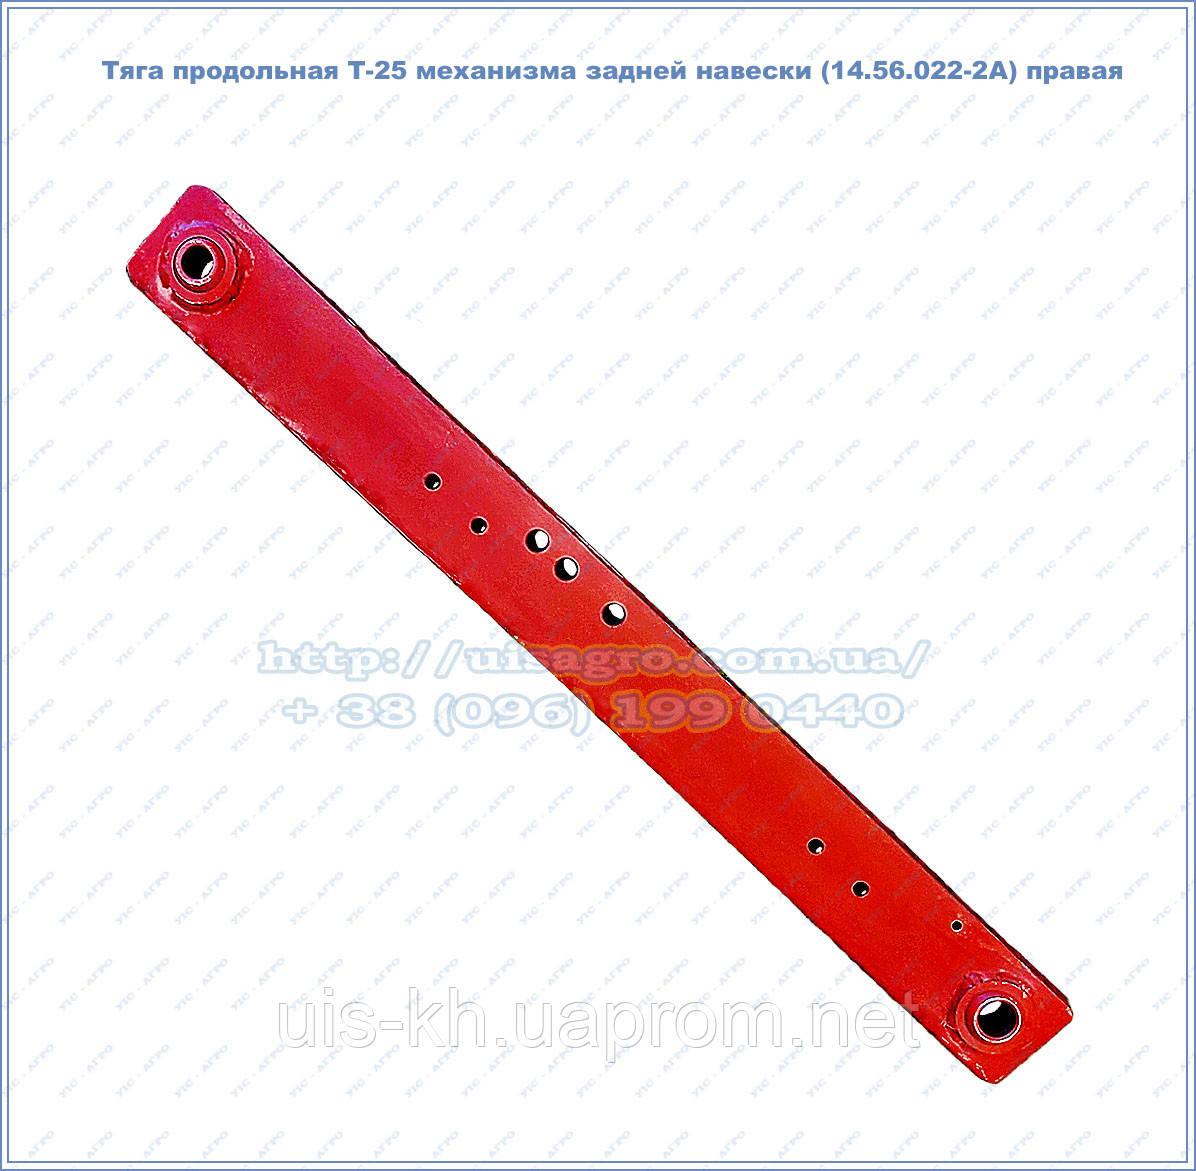 Тяга продольная Т-25 механизма задней навески (14.56.022-2А) нижняя правая